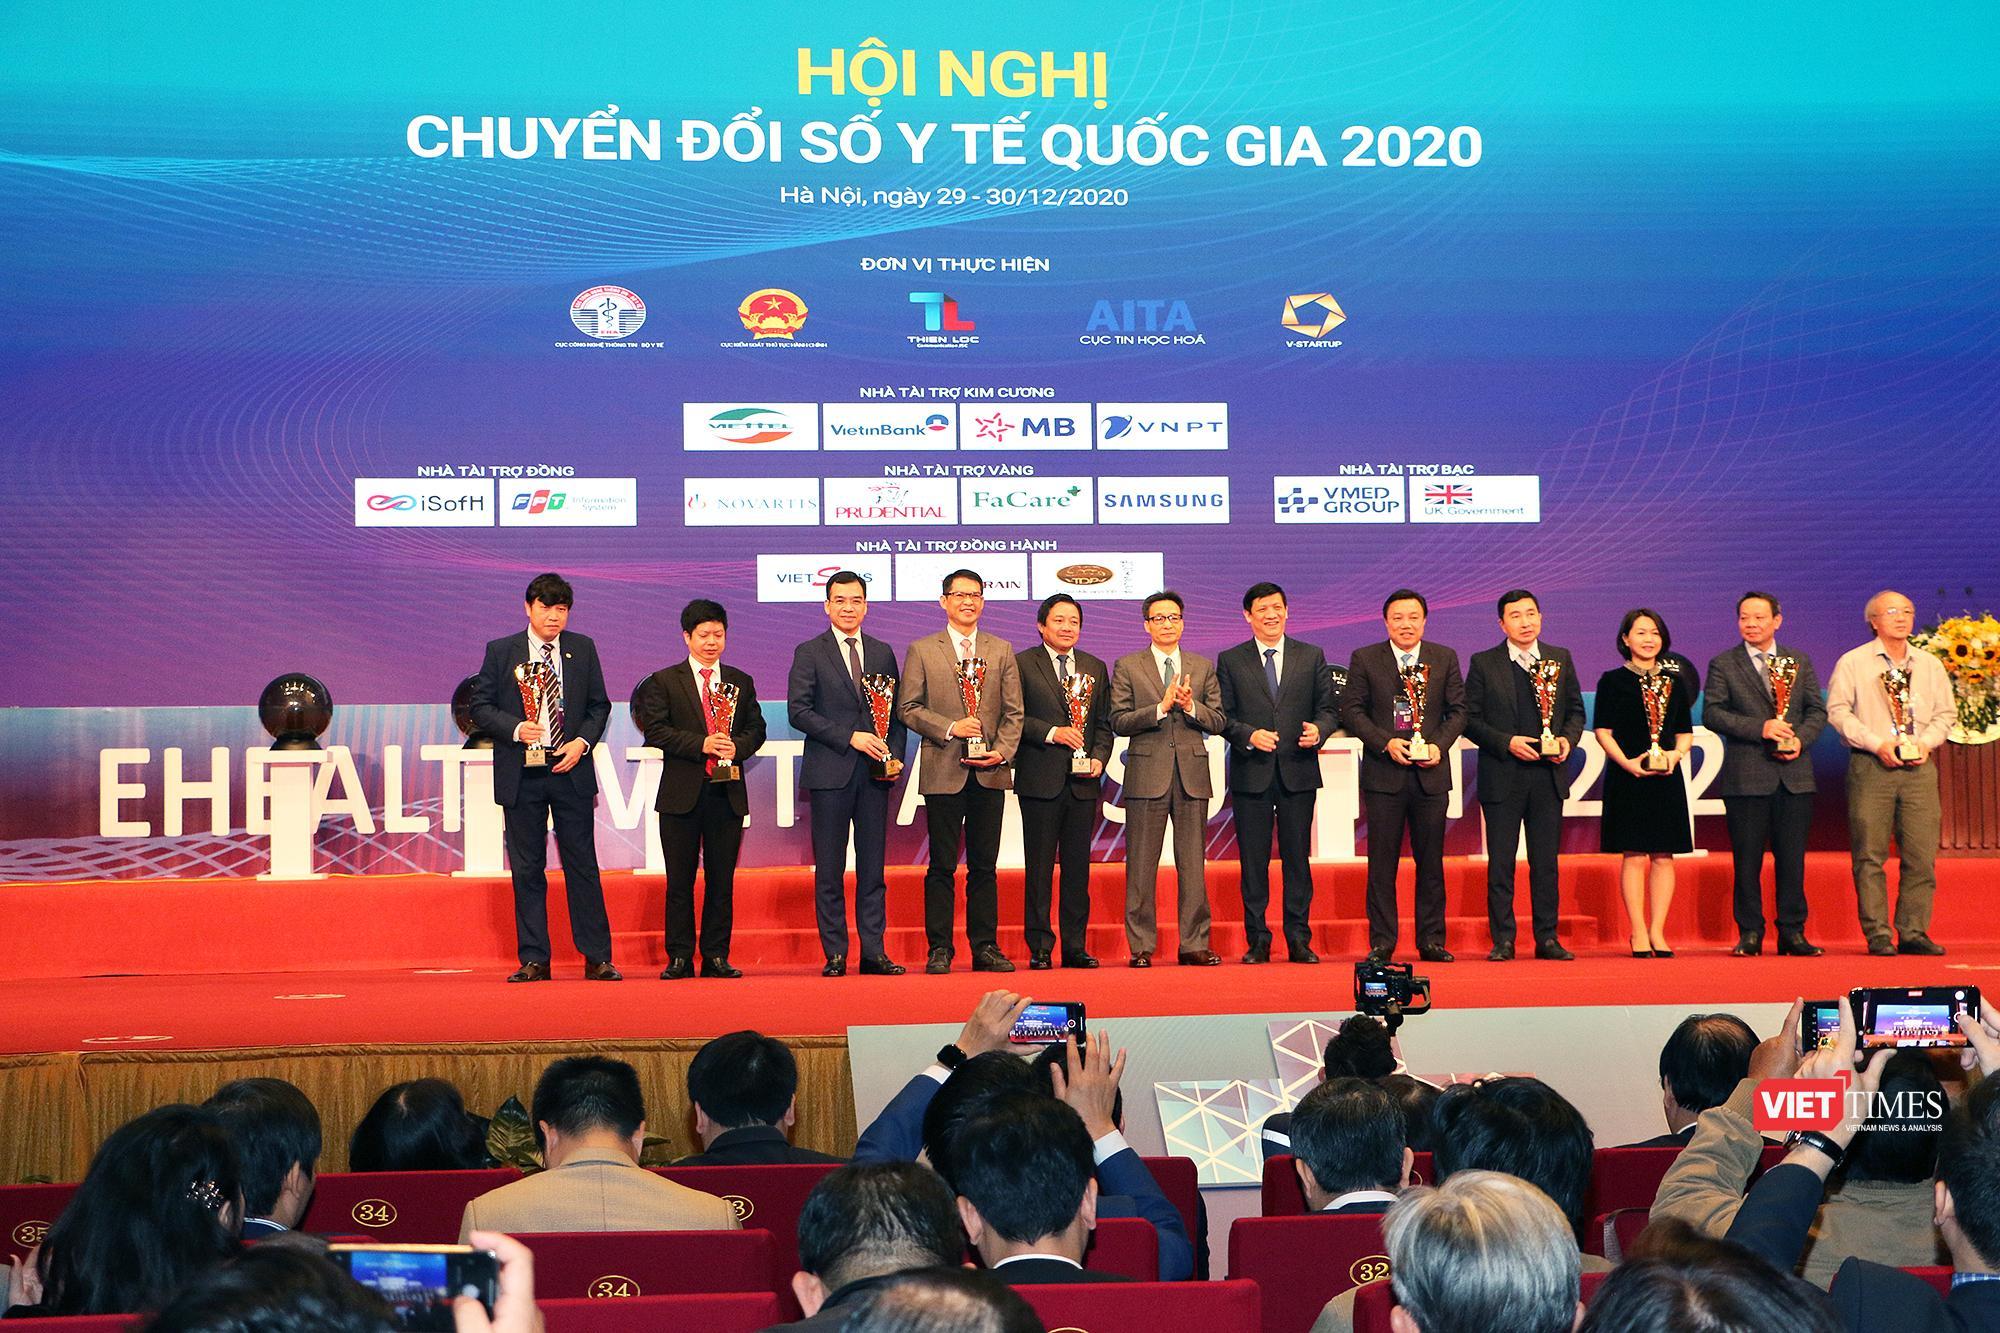 Phó Thủ tướng Vũ Đức Đam và Bộ trưởng Bộ Y tế Nguyễn Thanh Long trao giải thưởng cho các đơn vị xuất sắc trong lĩnh vực y tế